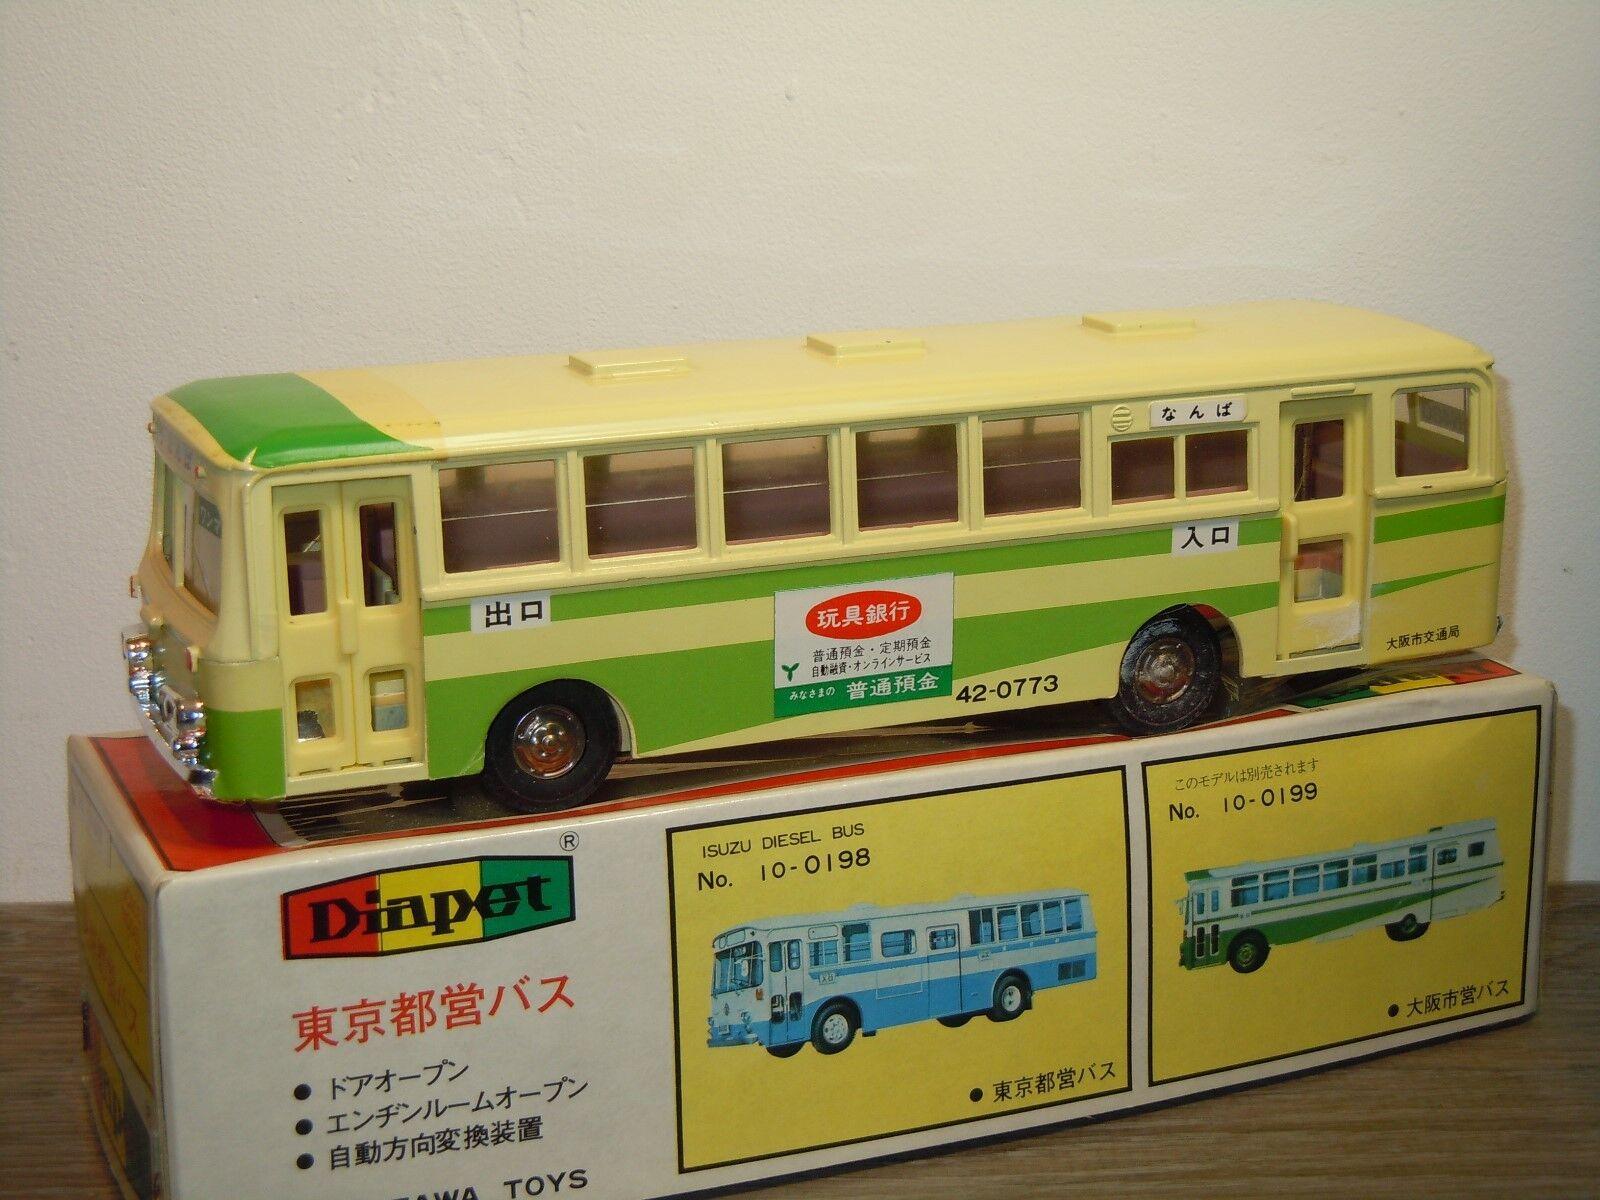 Isuzu Diesel Bus - Diapet Yonezawa Toys Japan  1 40 in Box 35034  tous les produits sont spéciaux